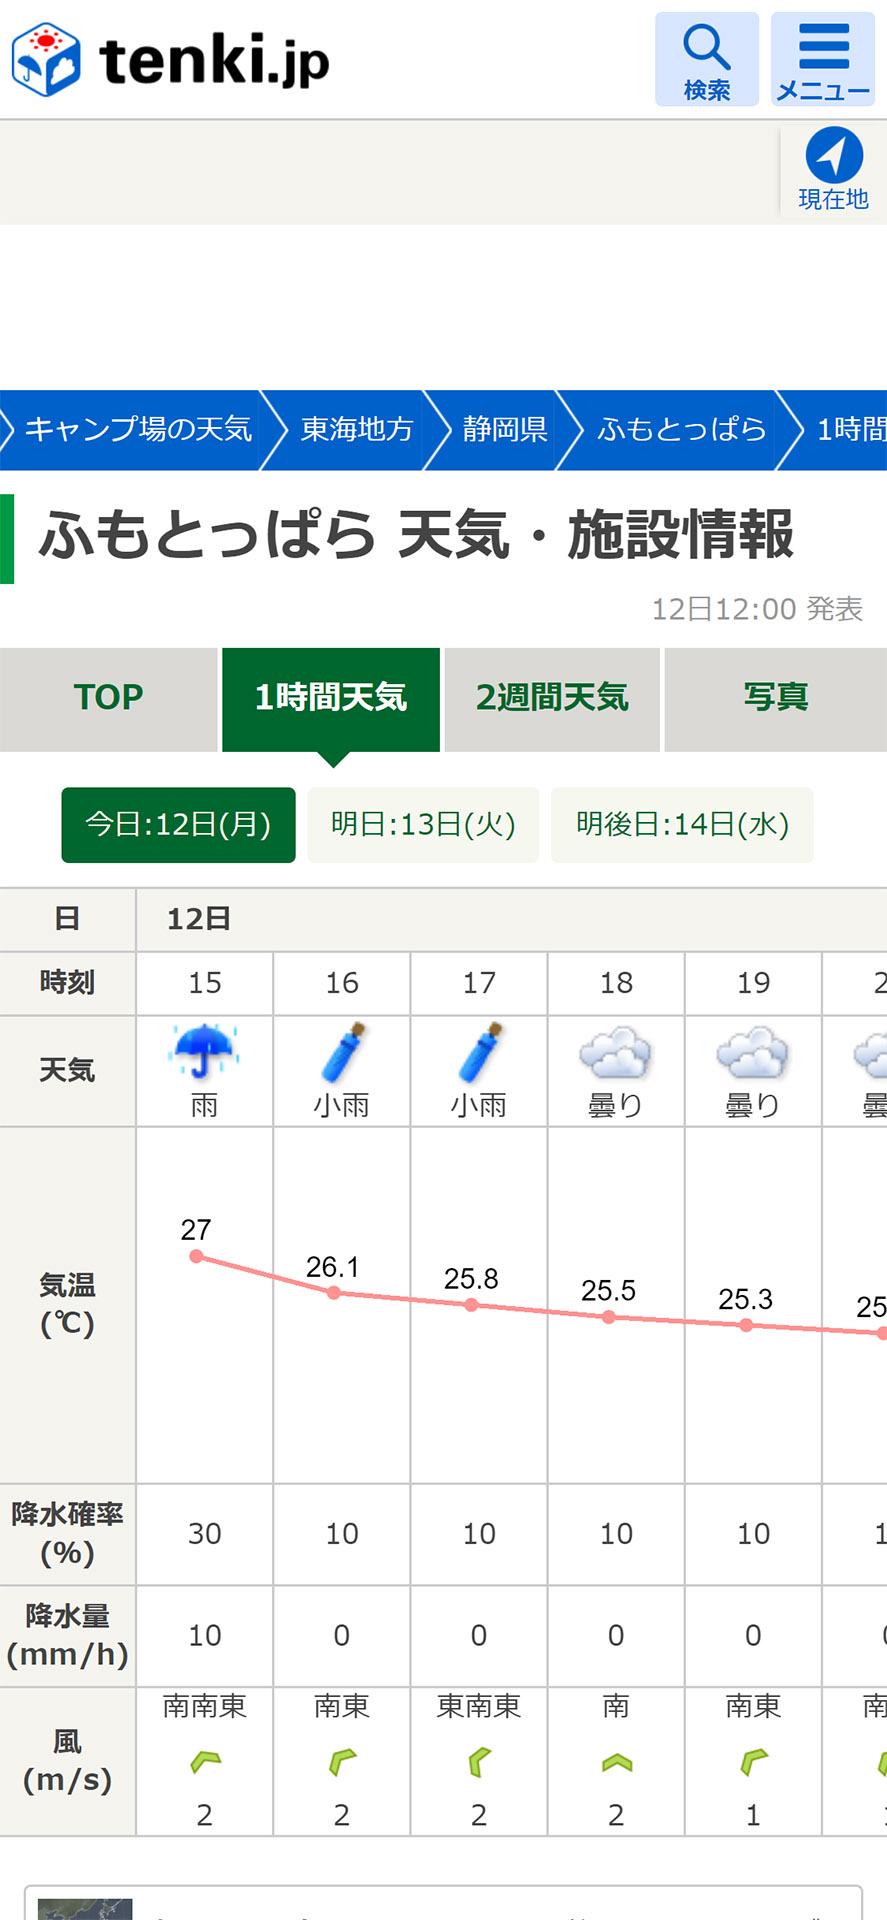 キャンプ場ごとの天気予報